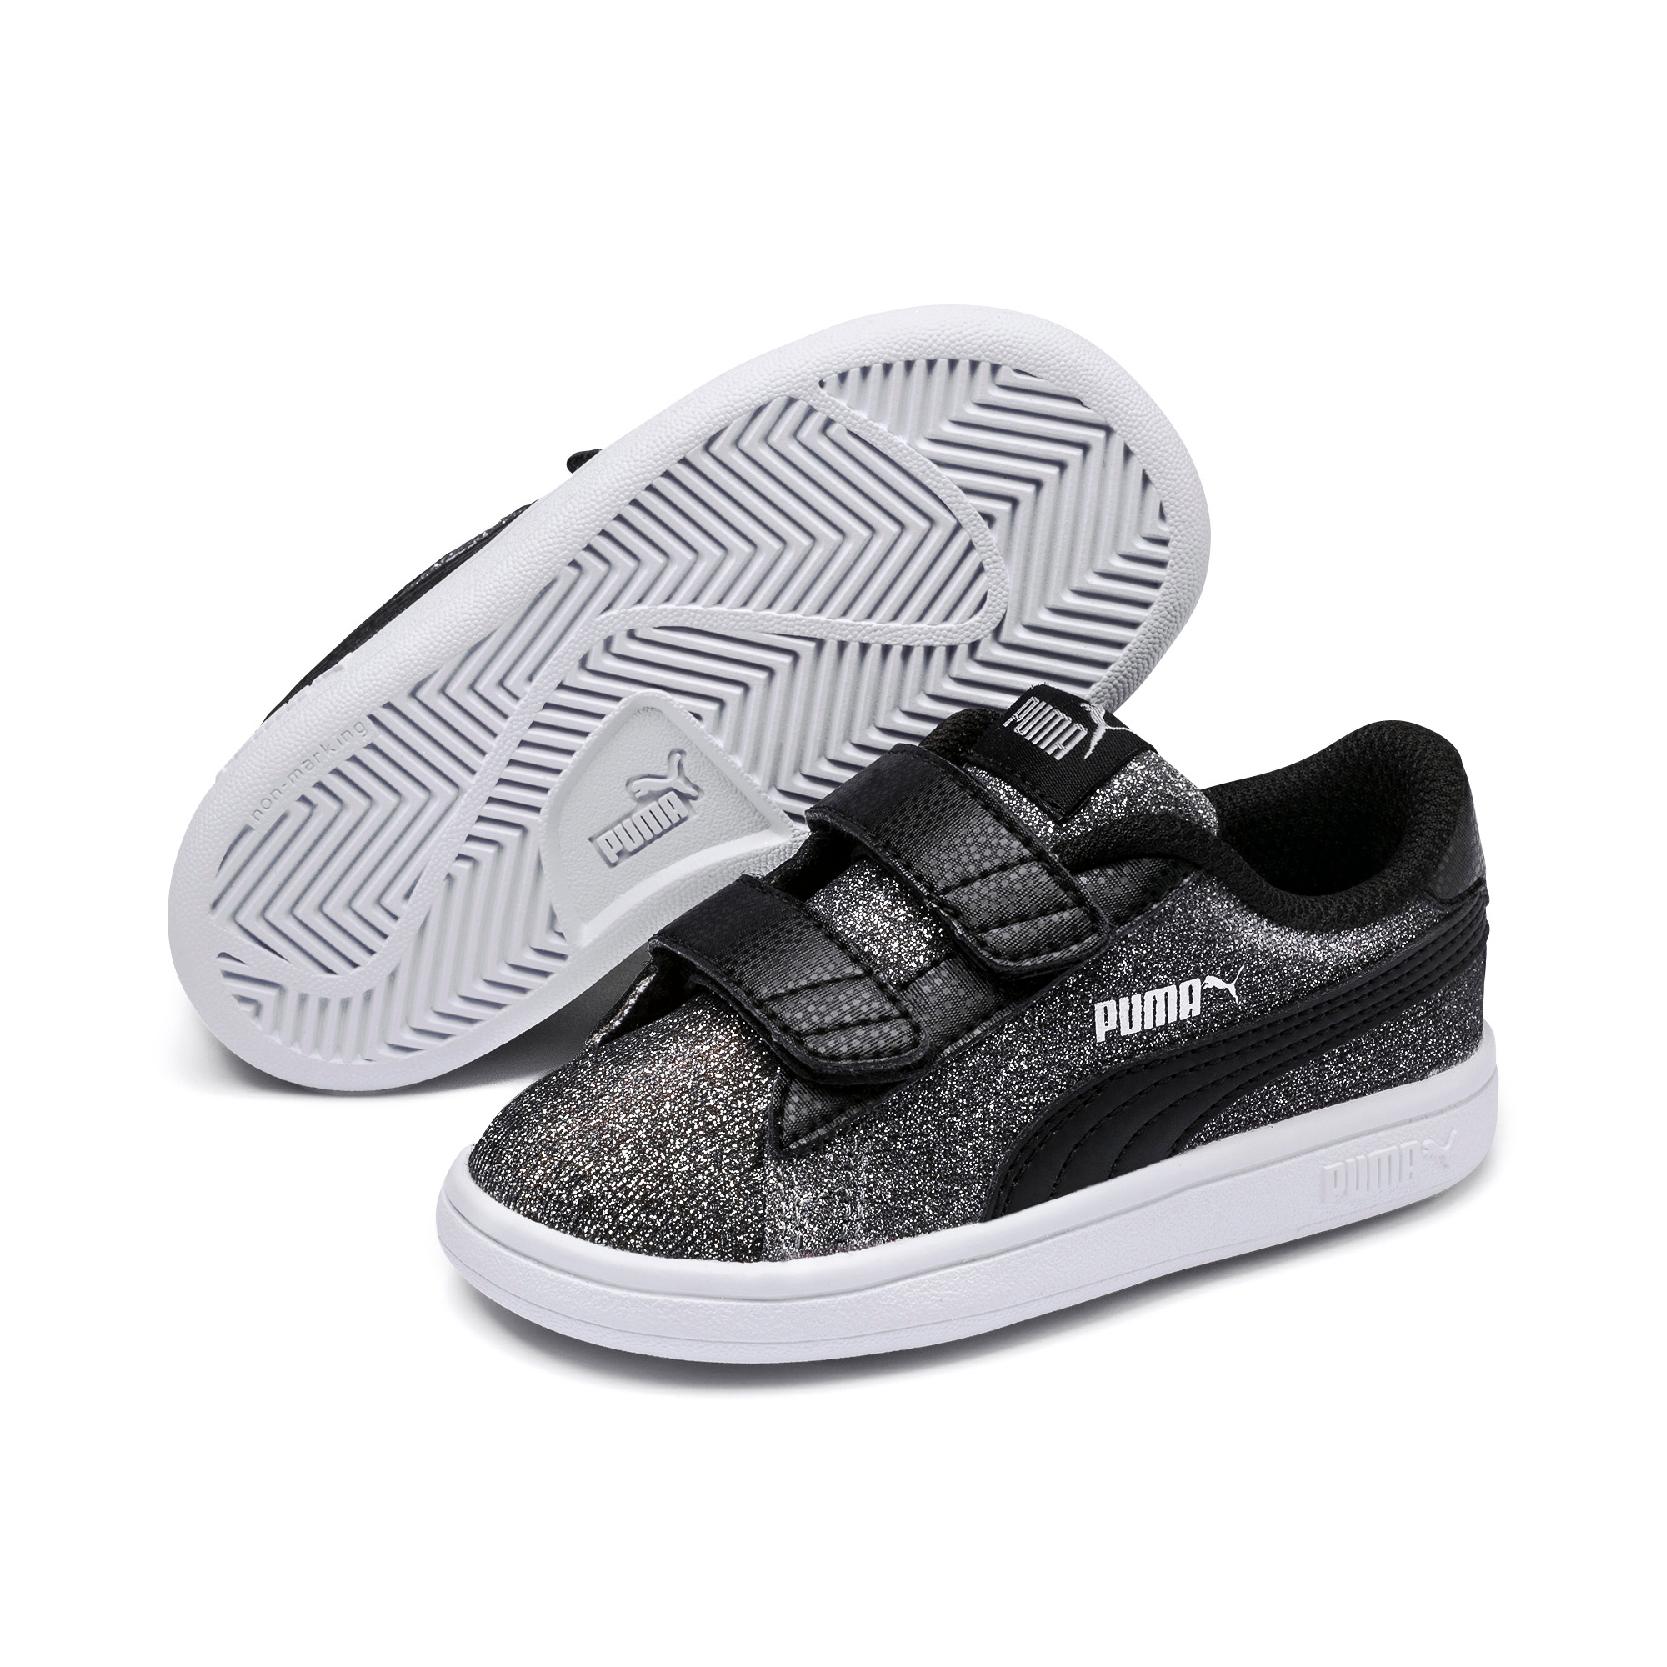 Puma Smash V2 Glitz Glam V PS sneakers